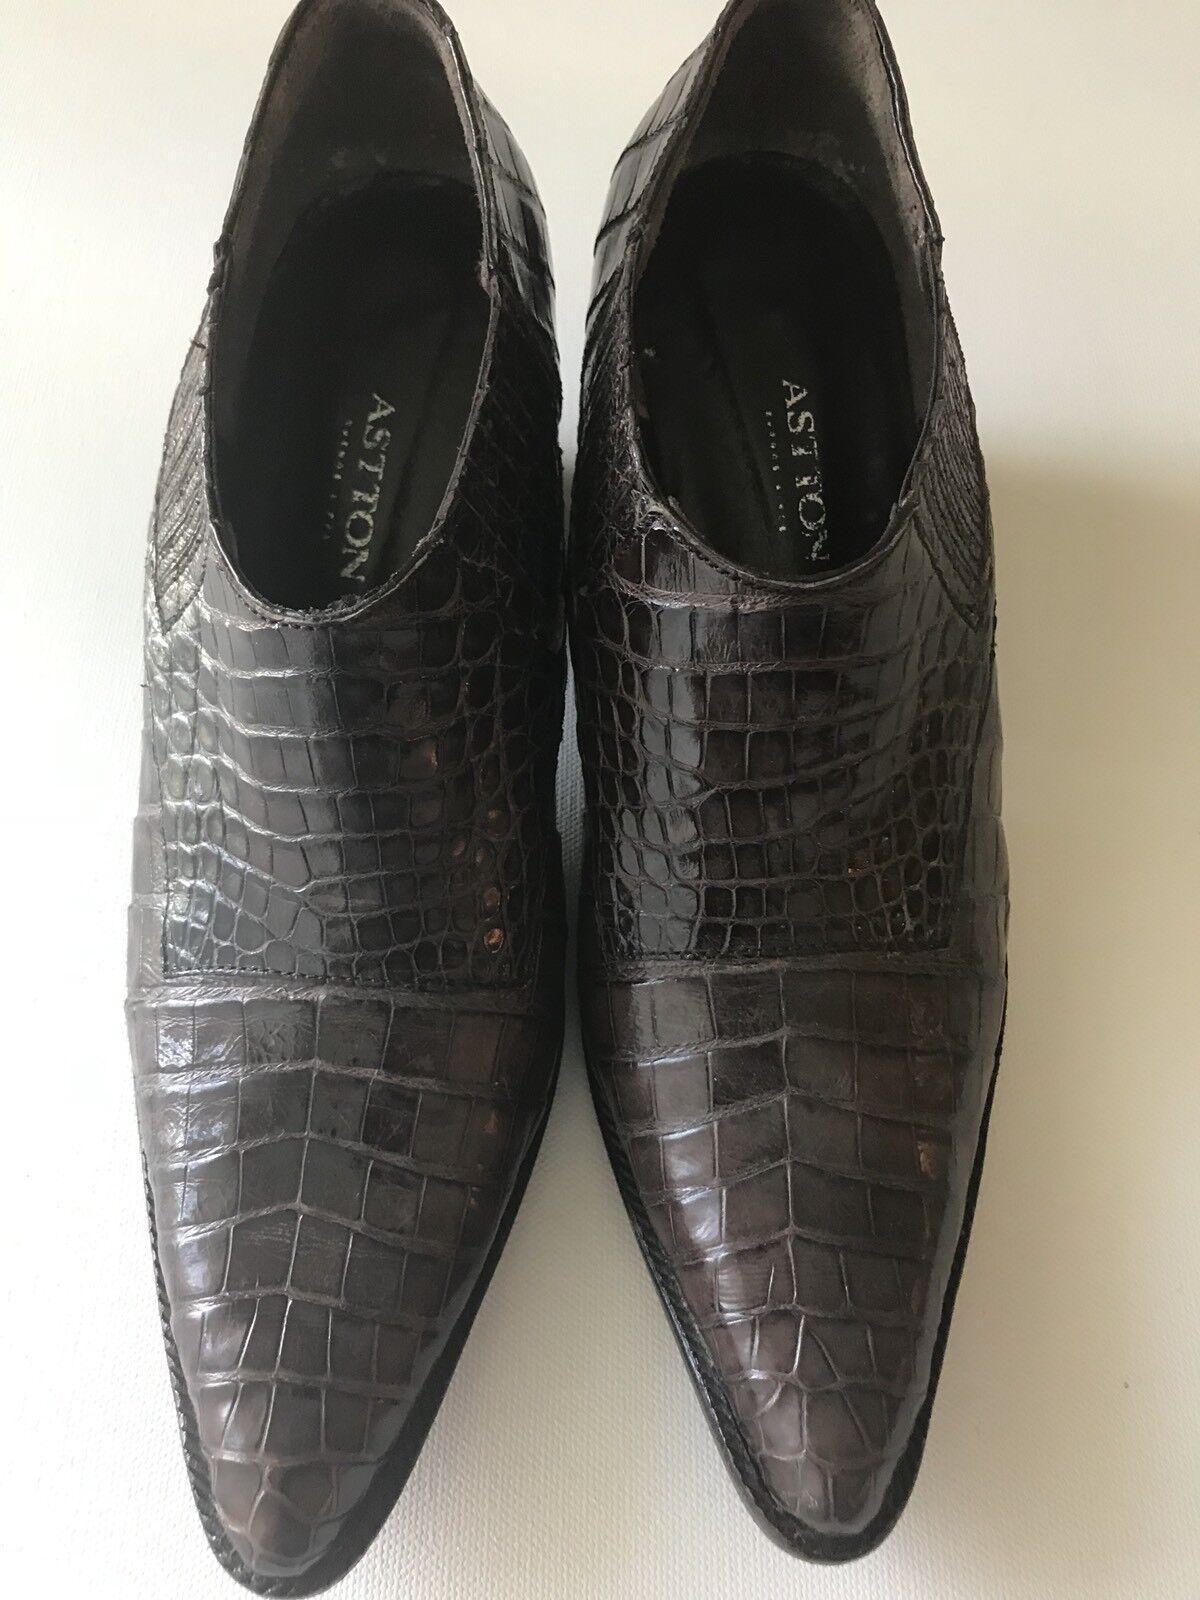 Astton Alligator Schuhes, Damenschuhe Größe 9